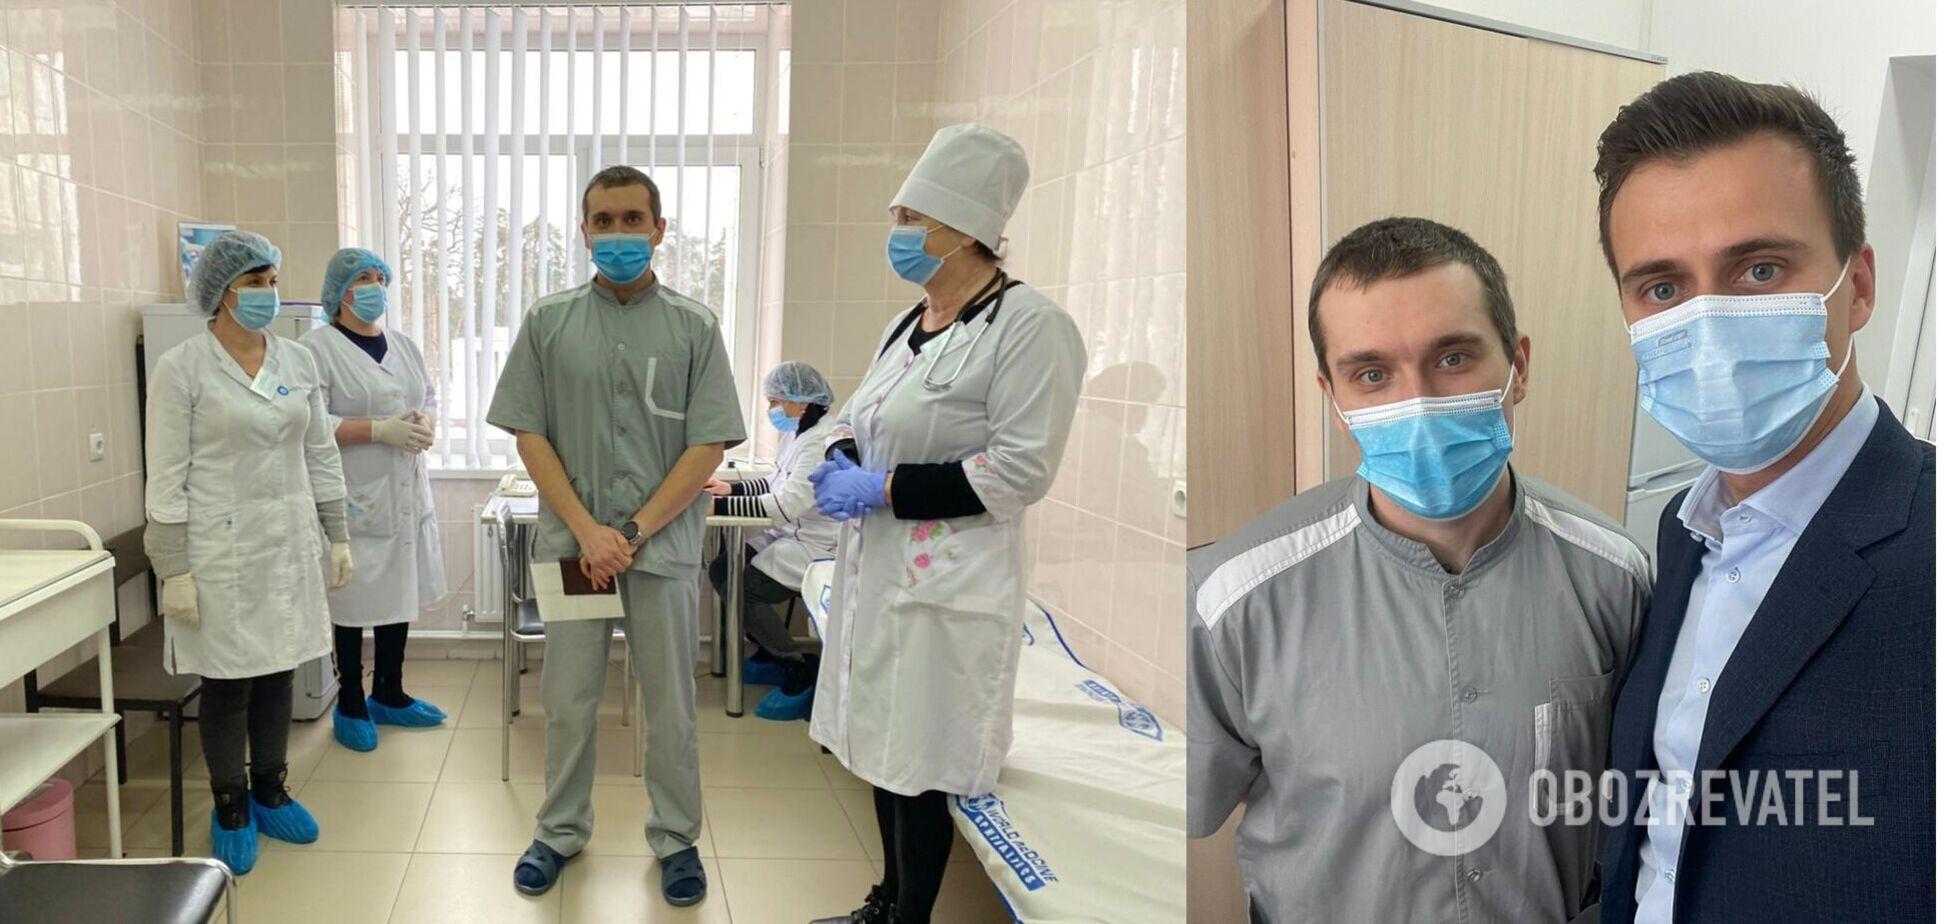 Перший вакцинований проти коронавірусу українець розповів про самопочуття